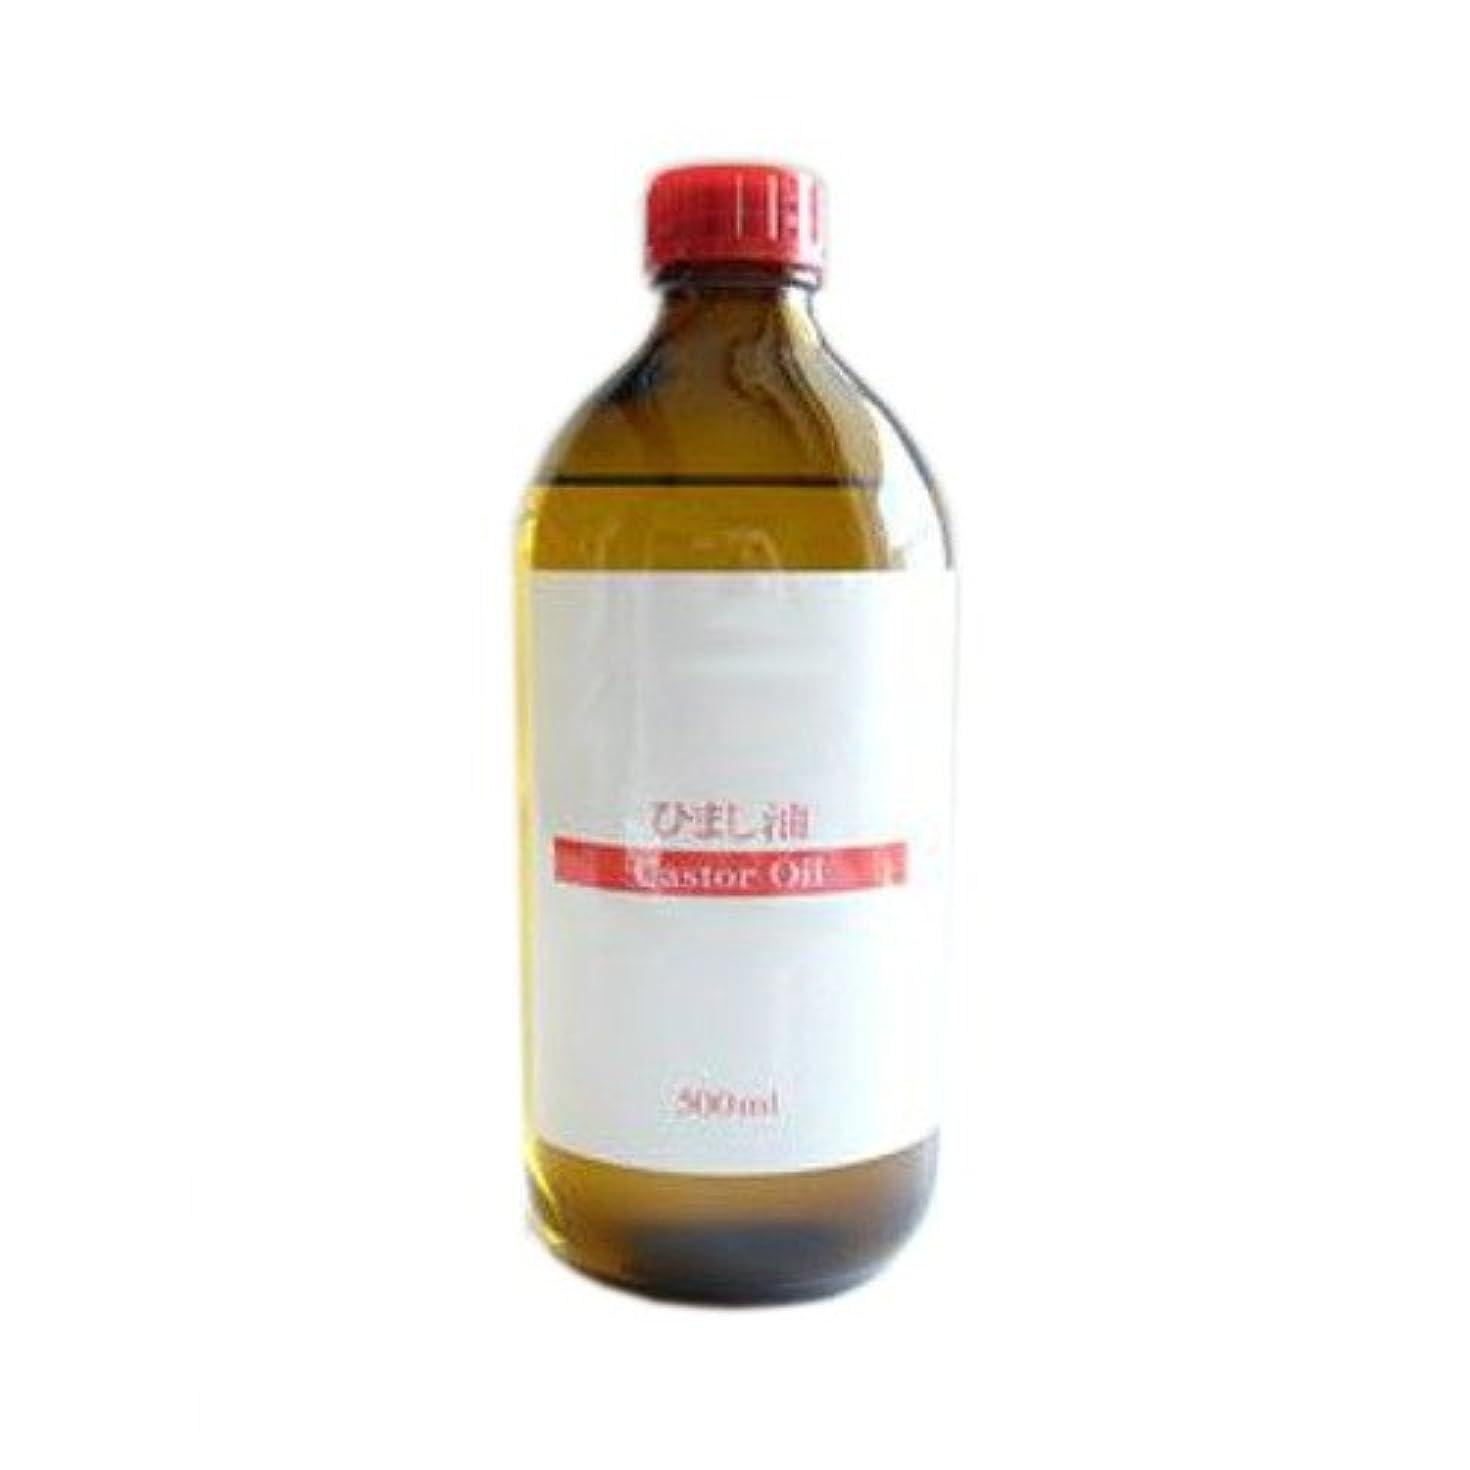 あさりトロイの木馬フレアひまし油 (キャスターオイル) 500ml